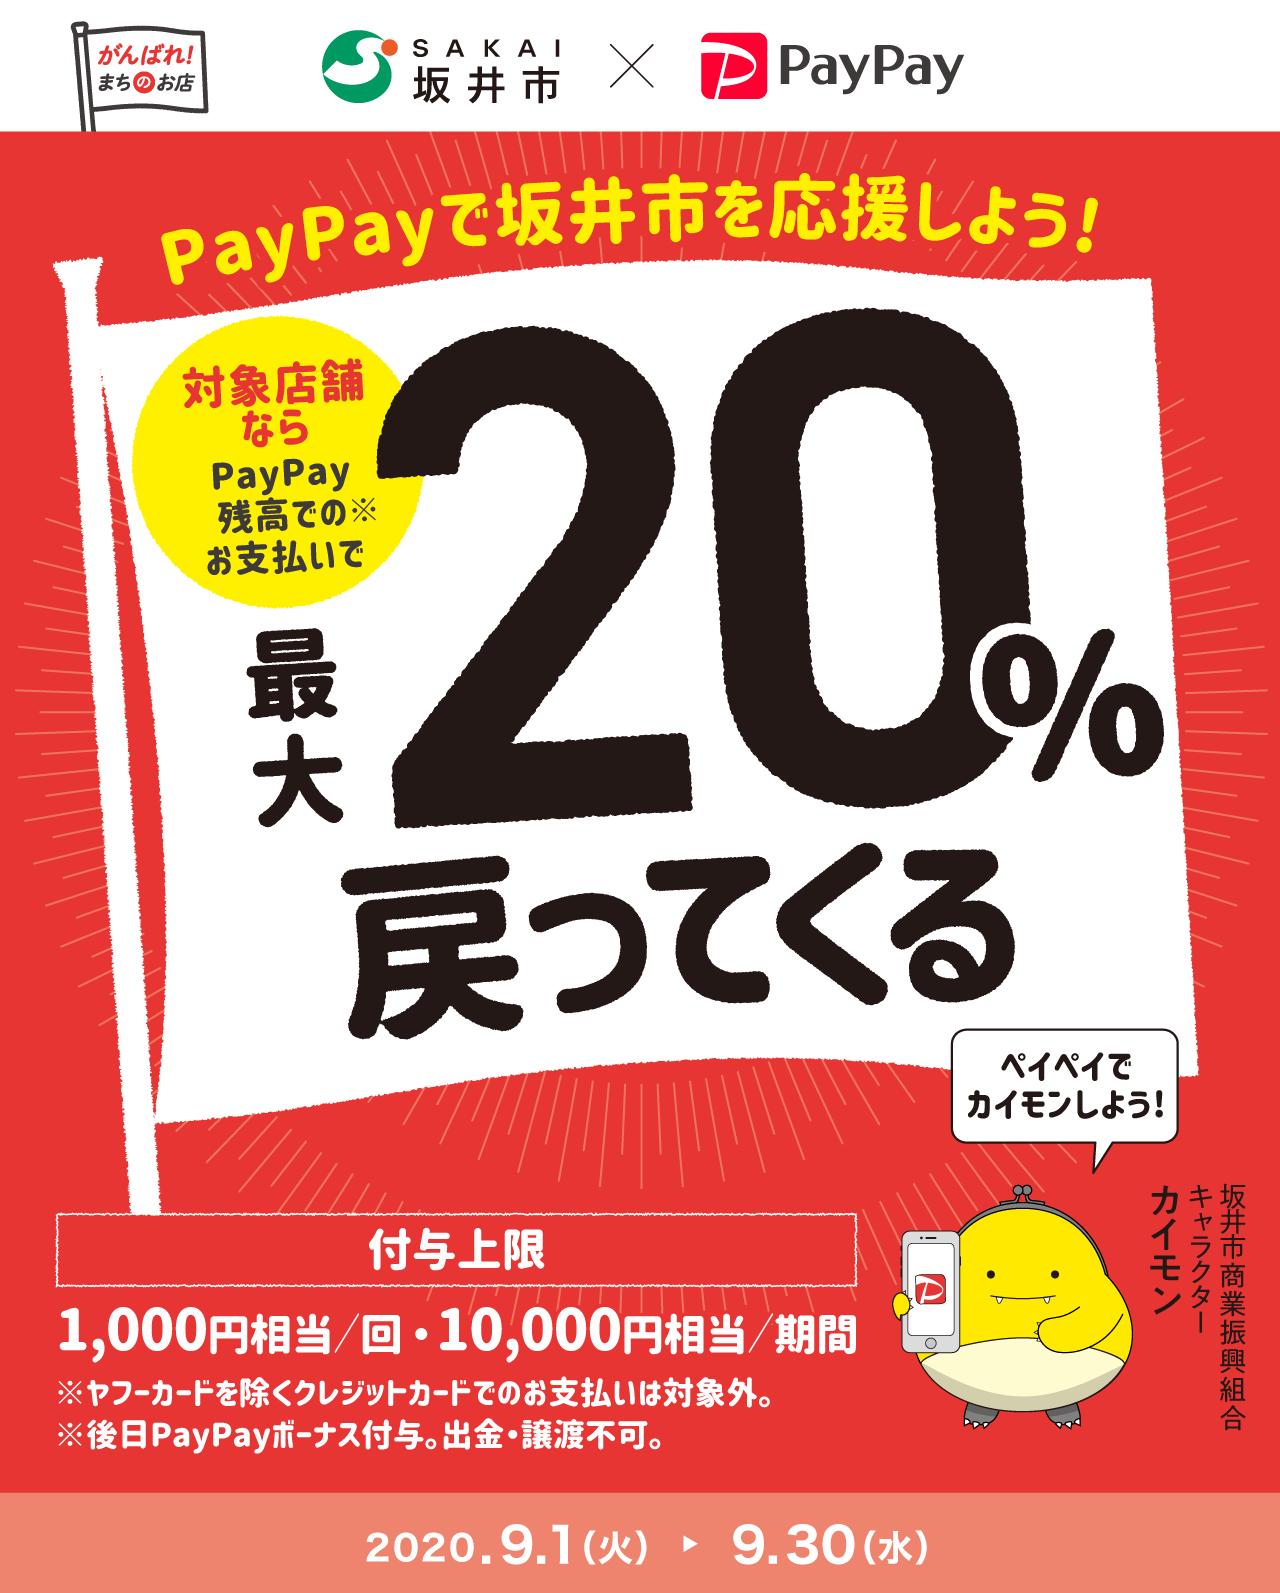 PayPayで坂井市を応援しよう! 対象店舗ならPayPay残高でのお支払いで最大20%戻ってくる